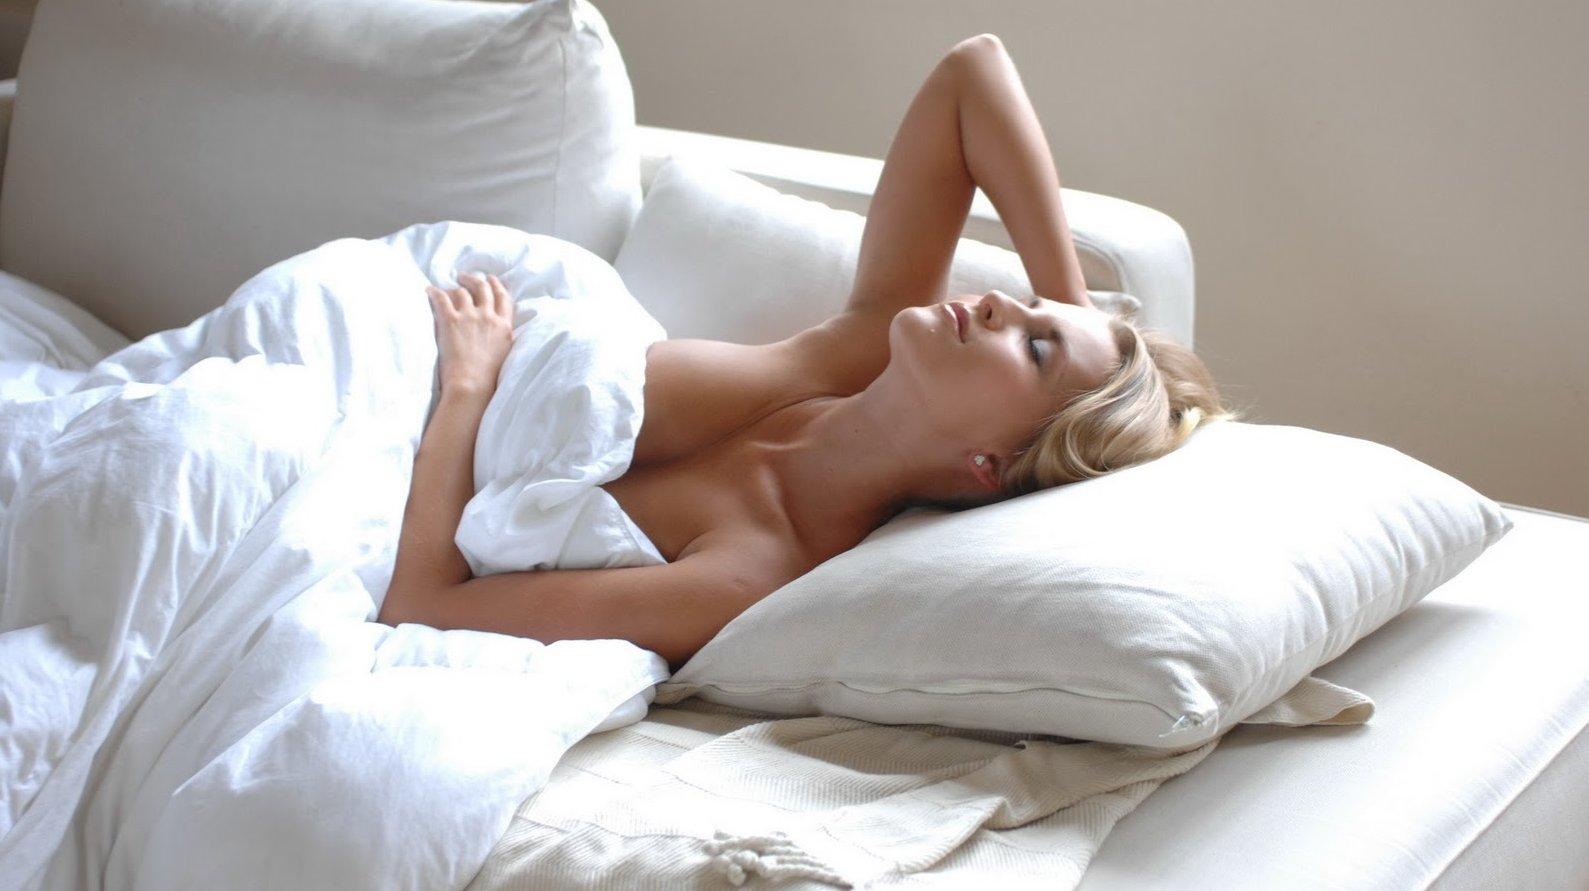 Өглөөний нойрыг хэрхэн ялах вэ?